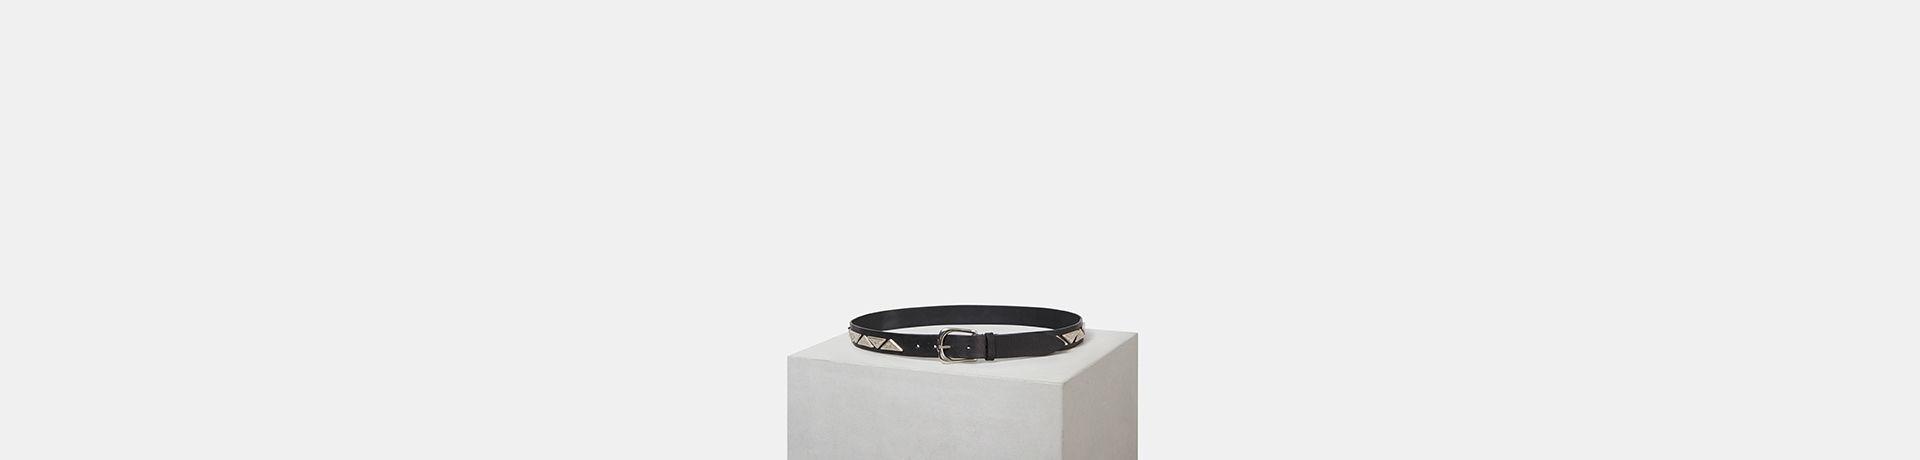 NYZO belt